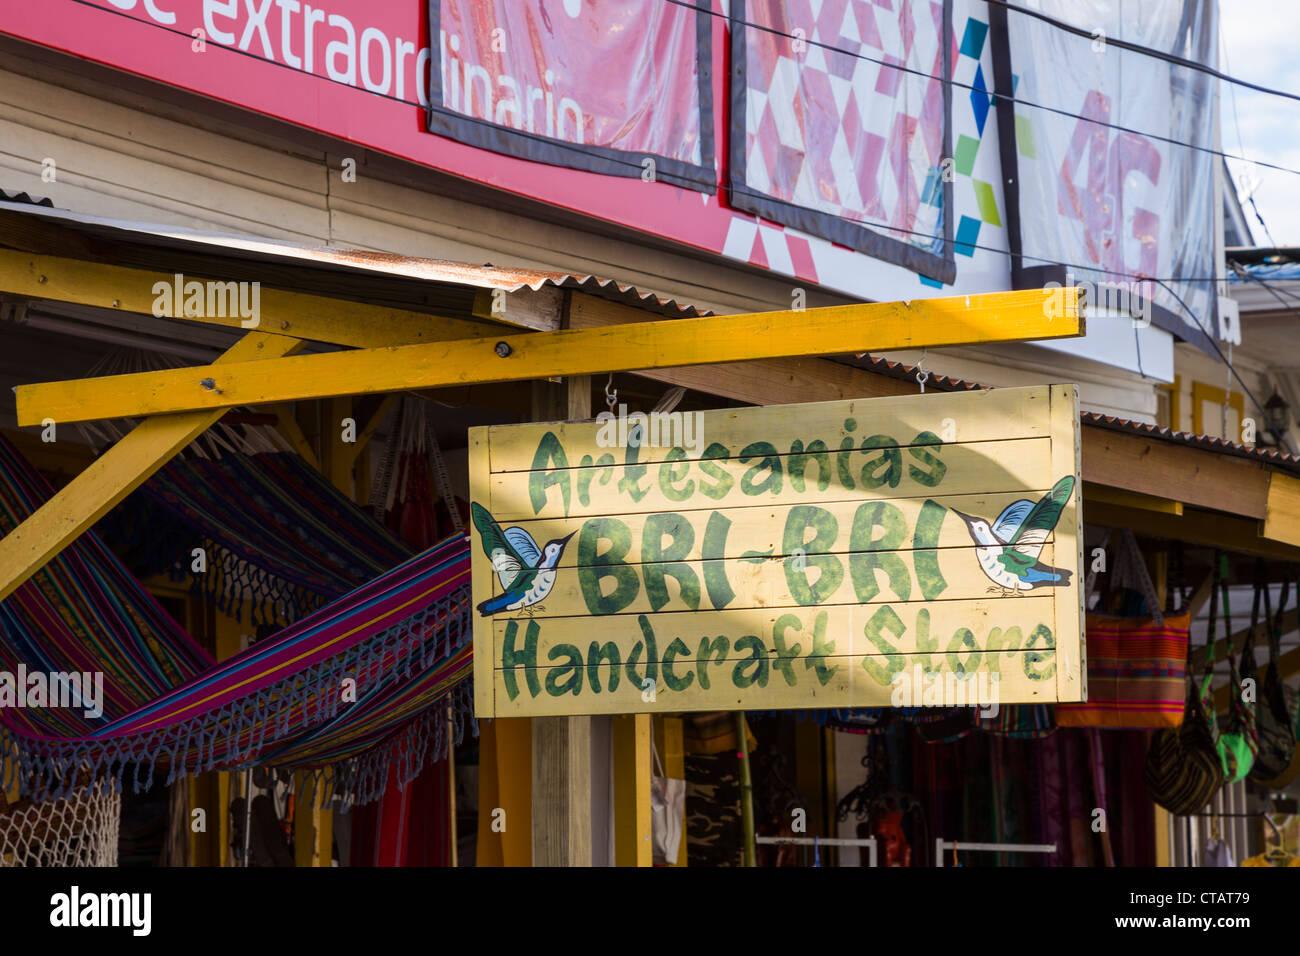 Bri-bri hand craft store in Bocas Town on Isla Colon, Bocas del Toro, Panama. Stock Photo